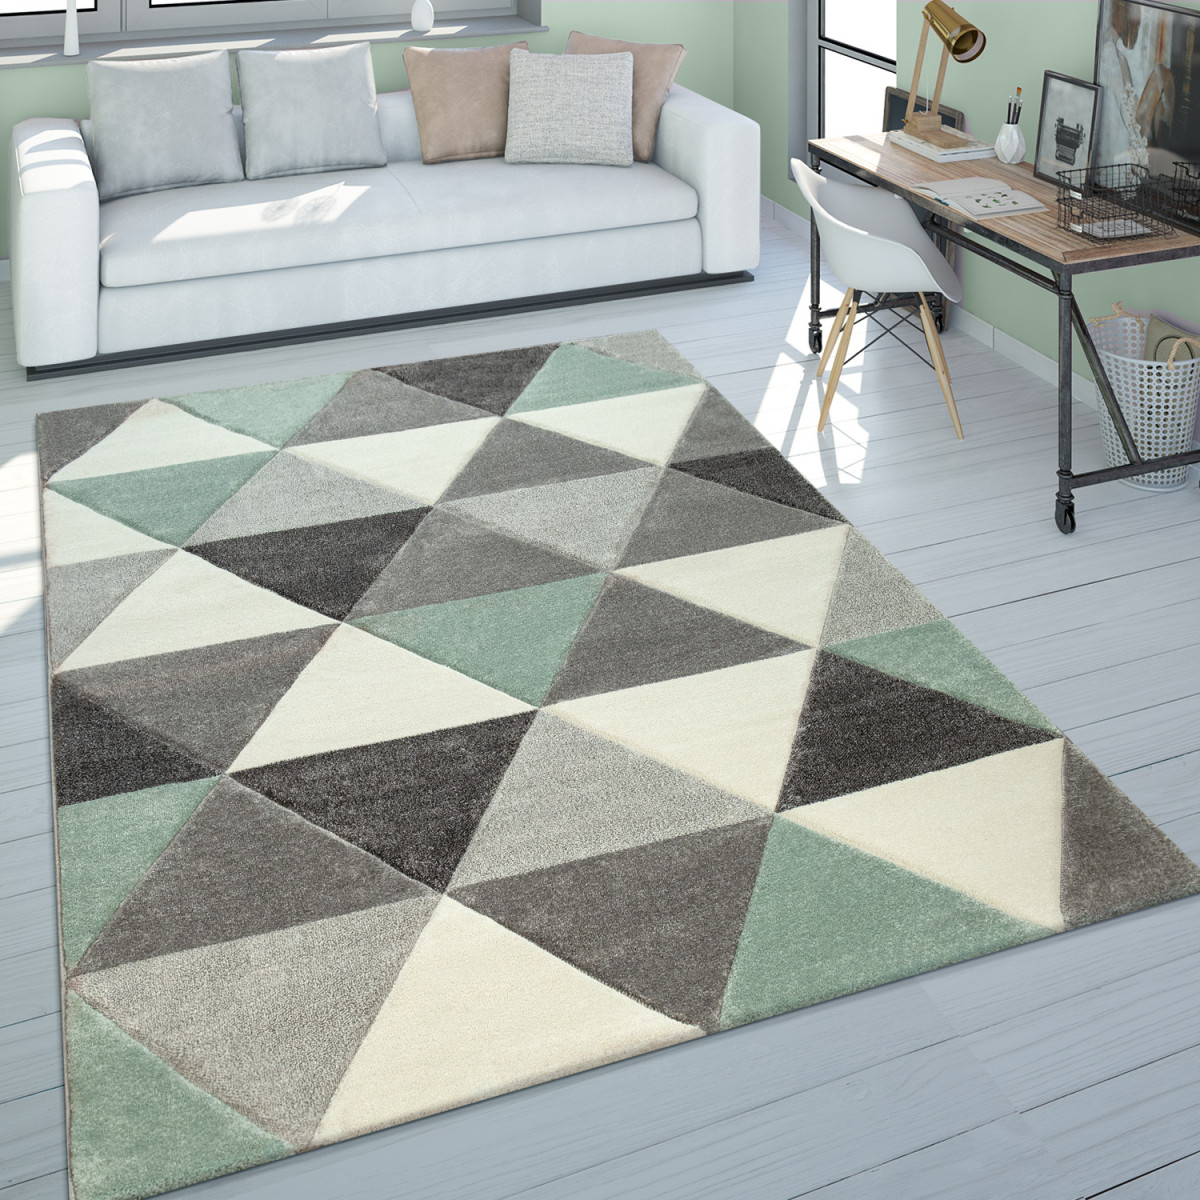 Wohnzimmer Teppich Grün Grau Pastellfarben Kurzflor Retro Design Dreieck  Muster von Teppich Wohnzimmer Grün Photo